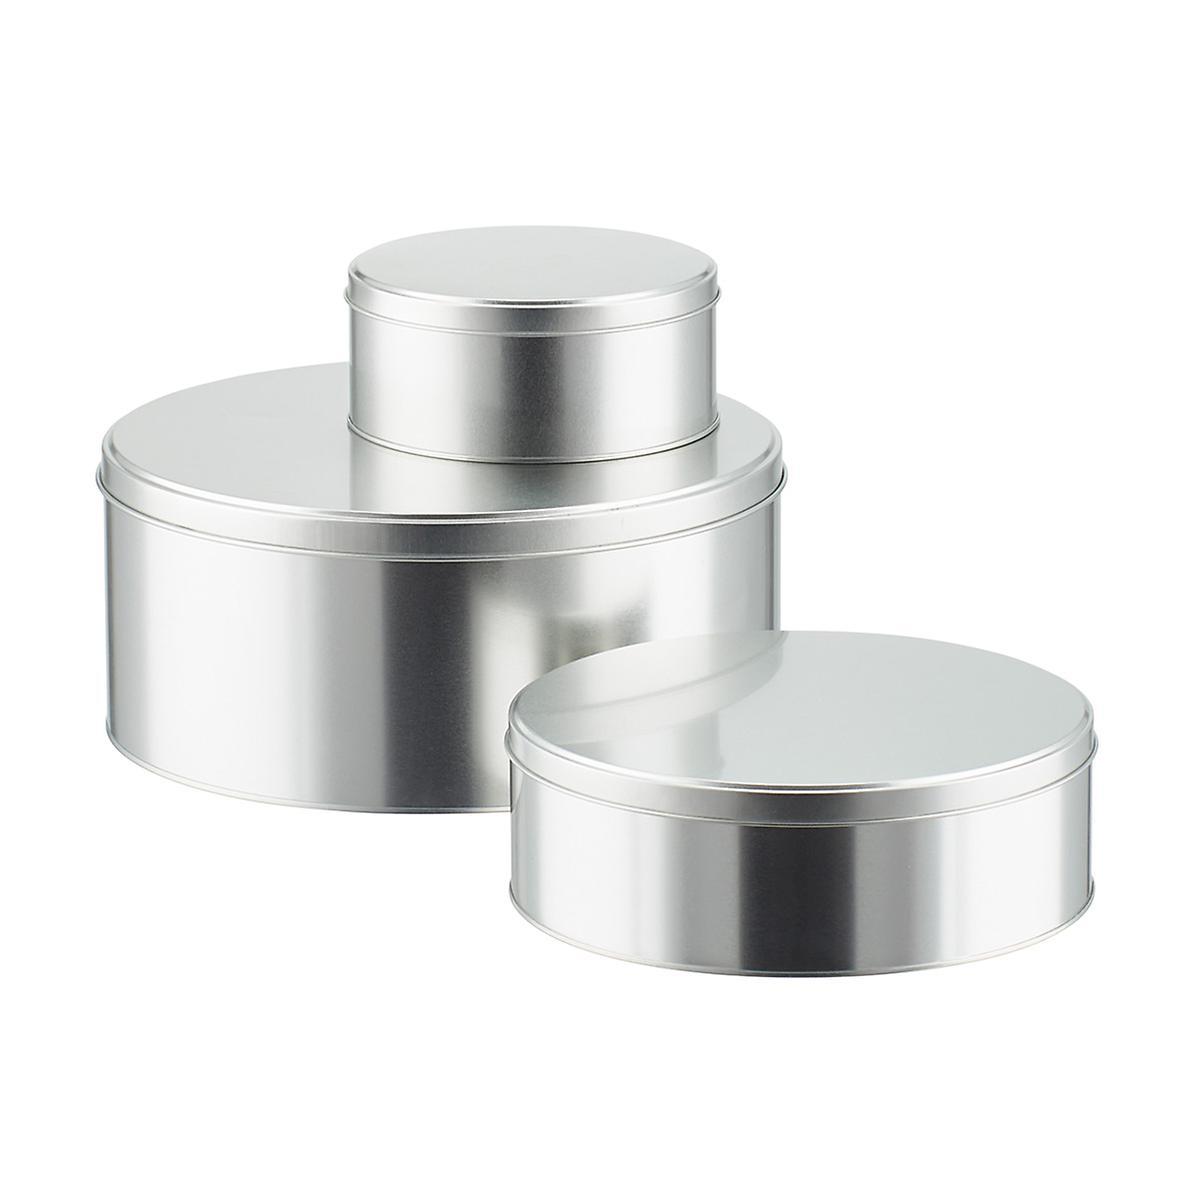 Silver Round Tins